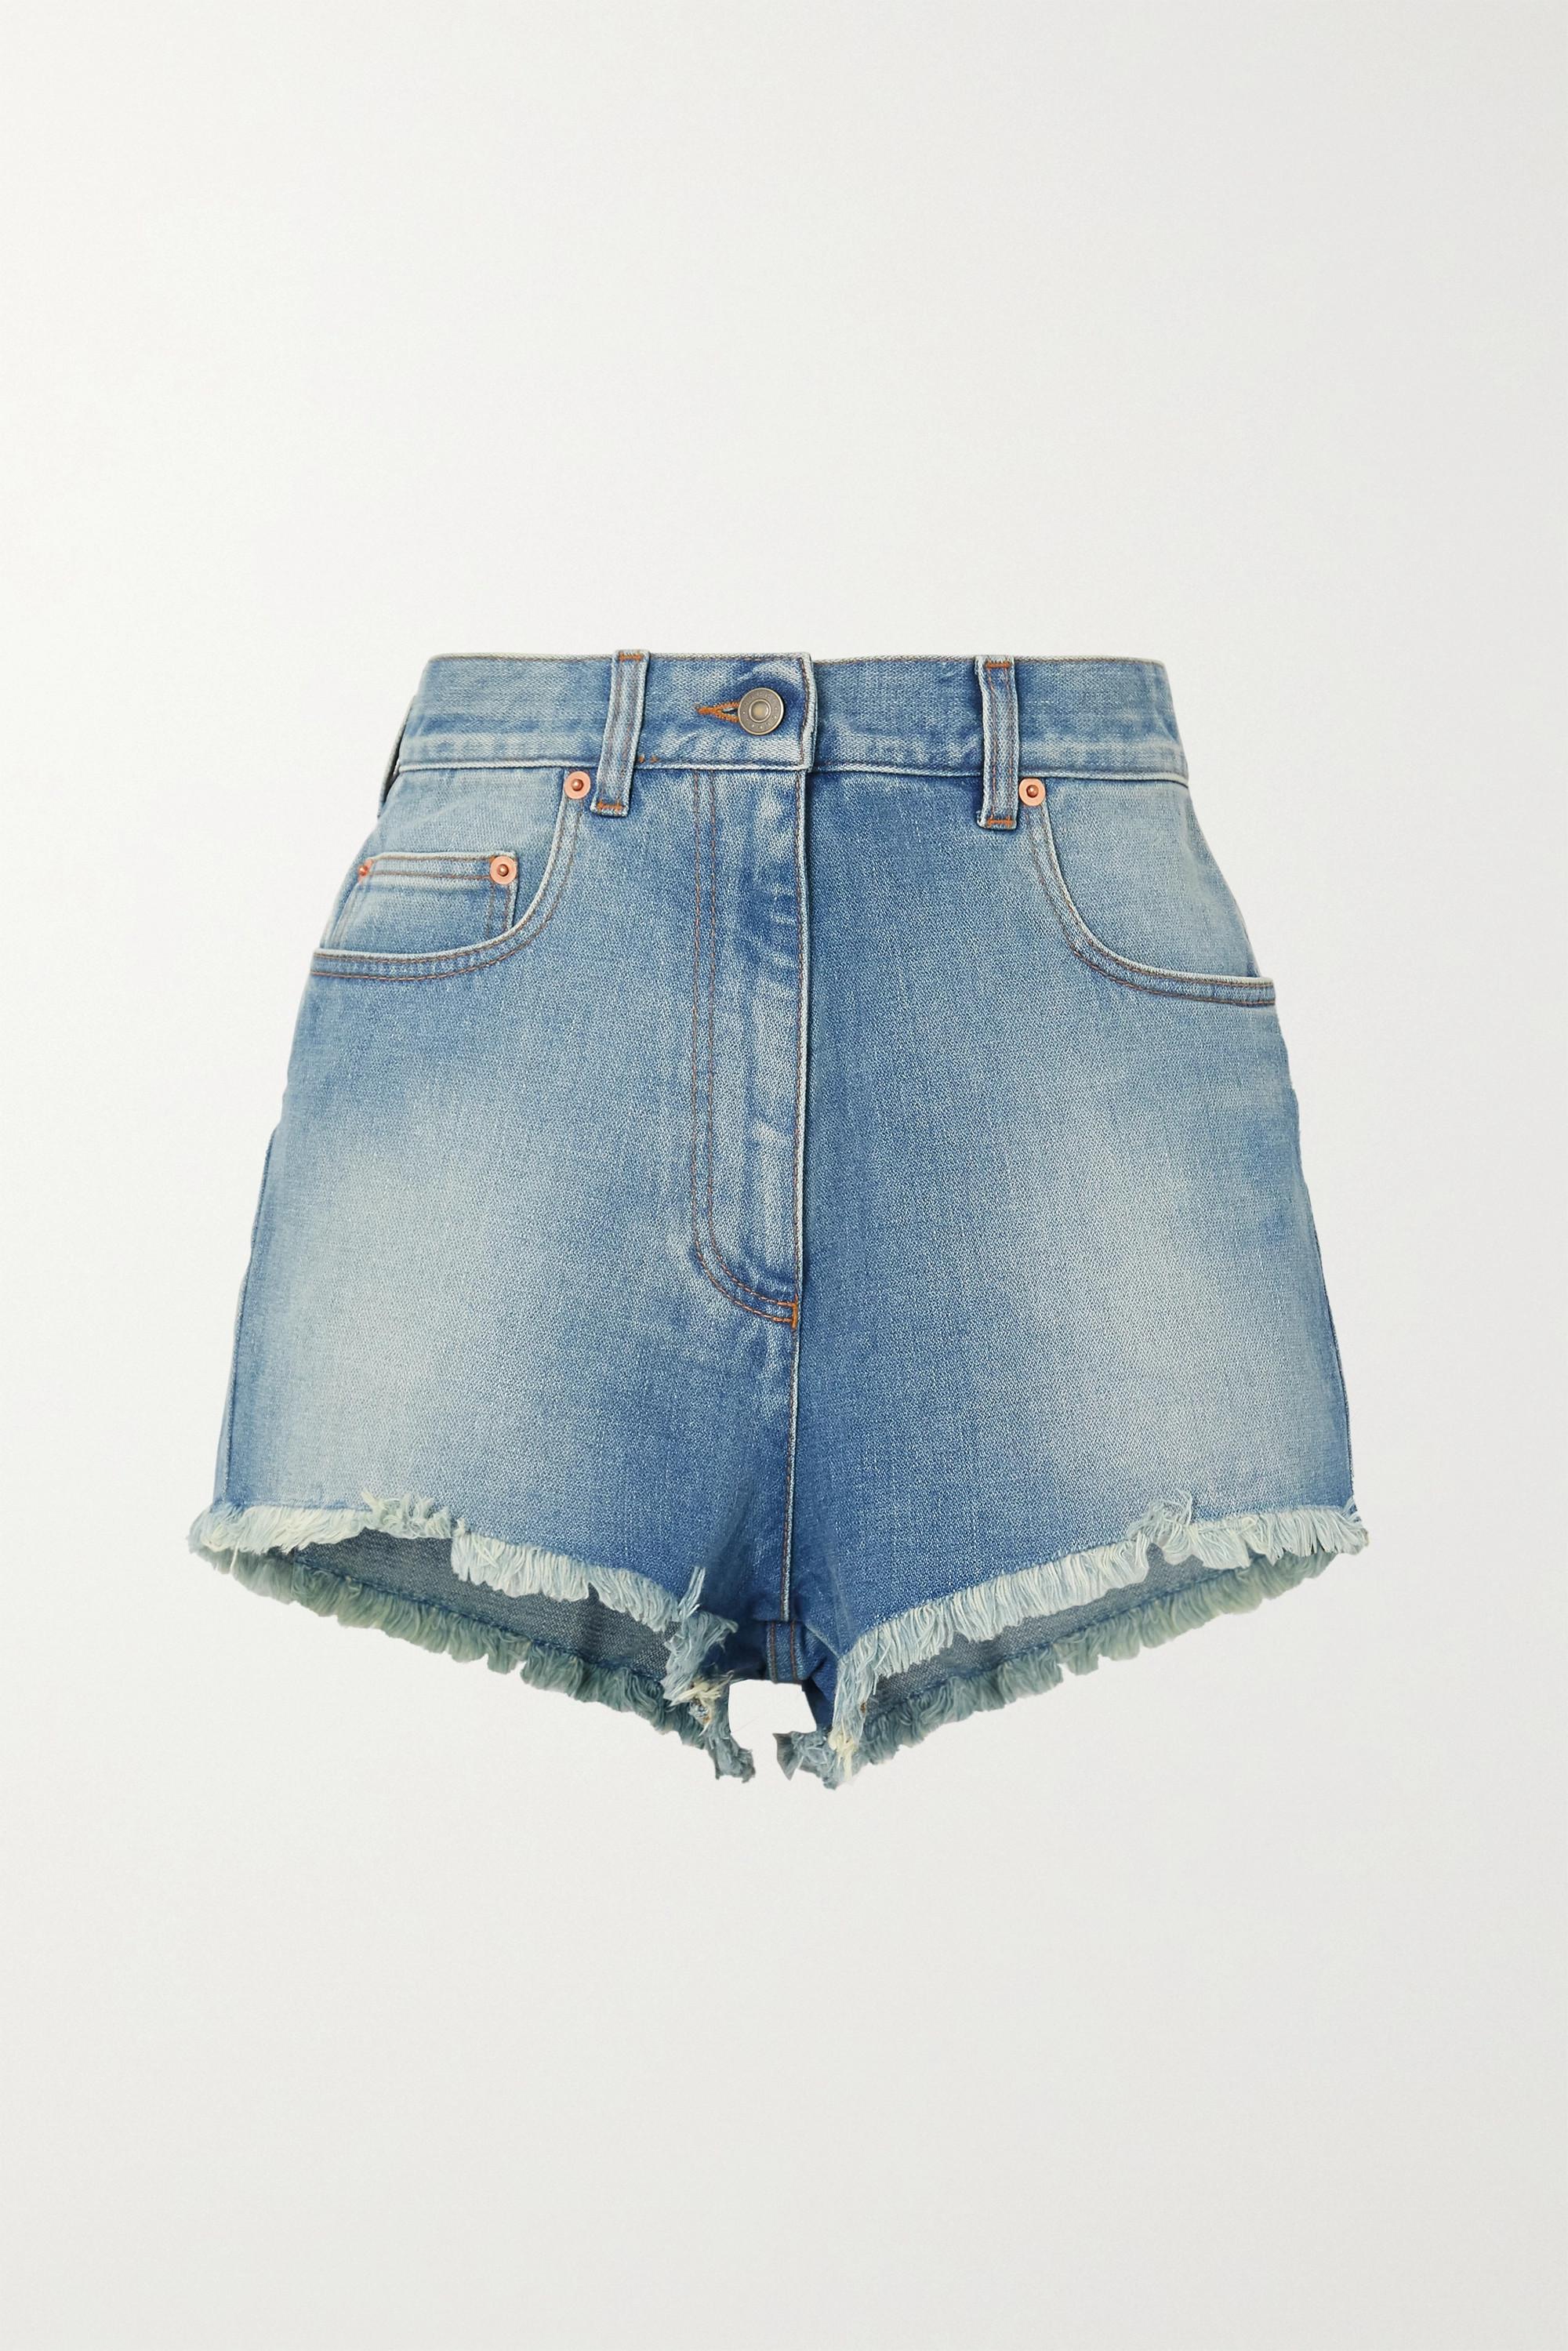 Gucci - Appliquéd frayed denim shorts